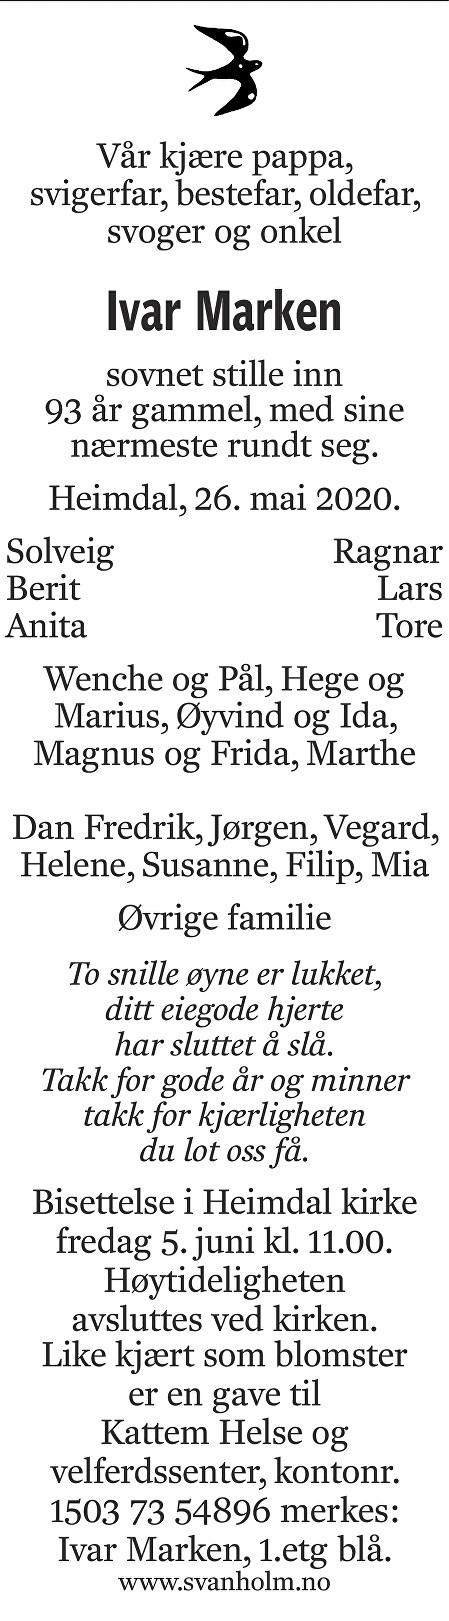 Ivar Marken Dødsannonse